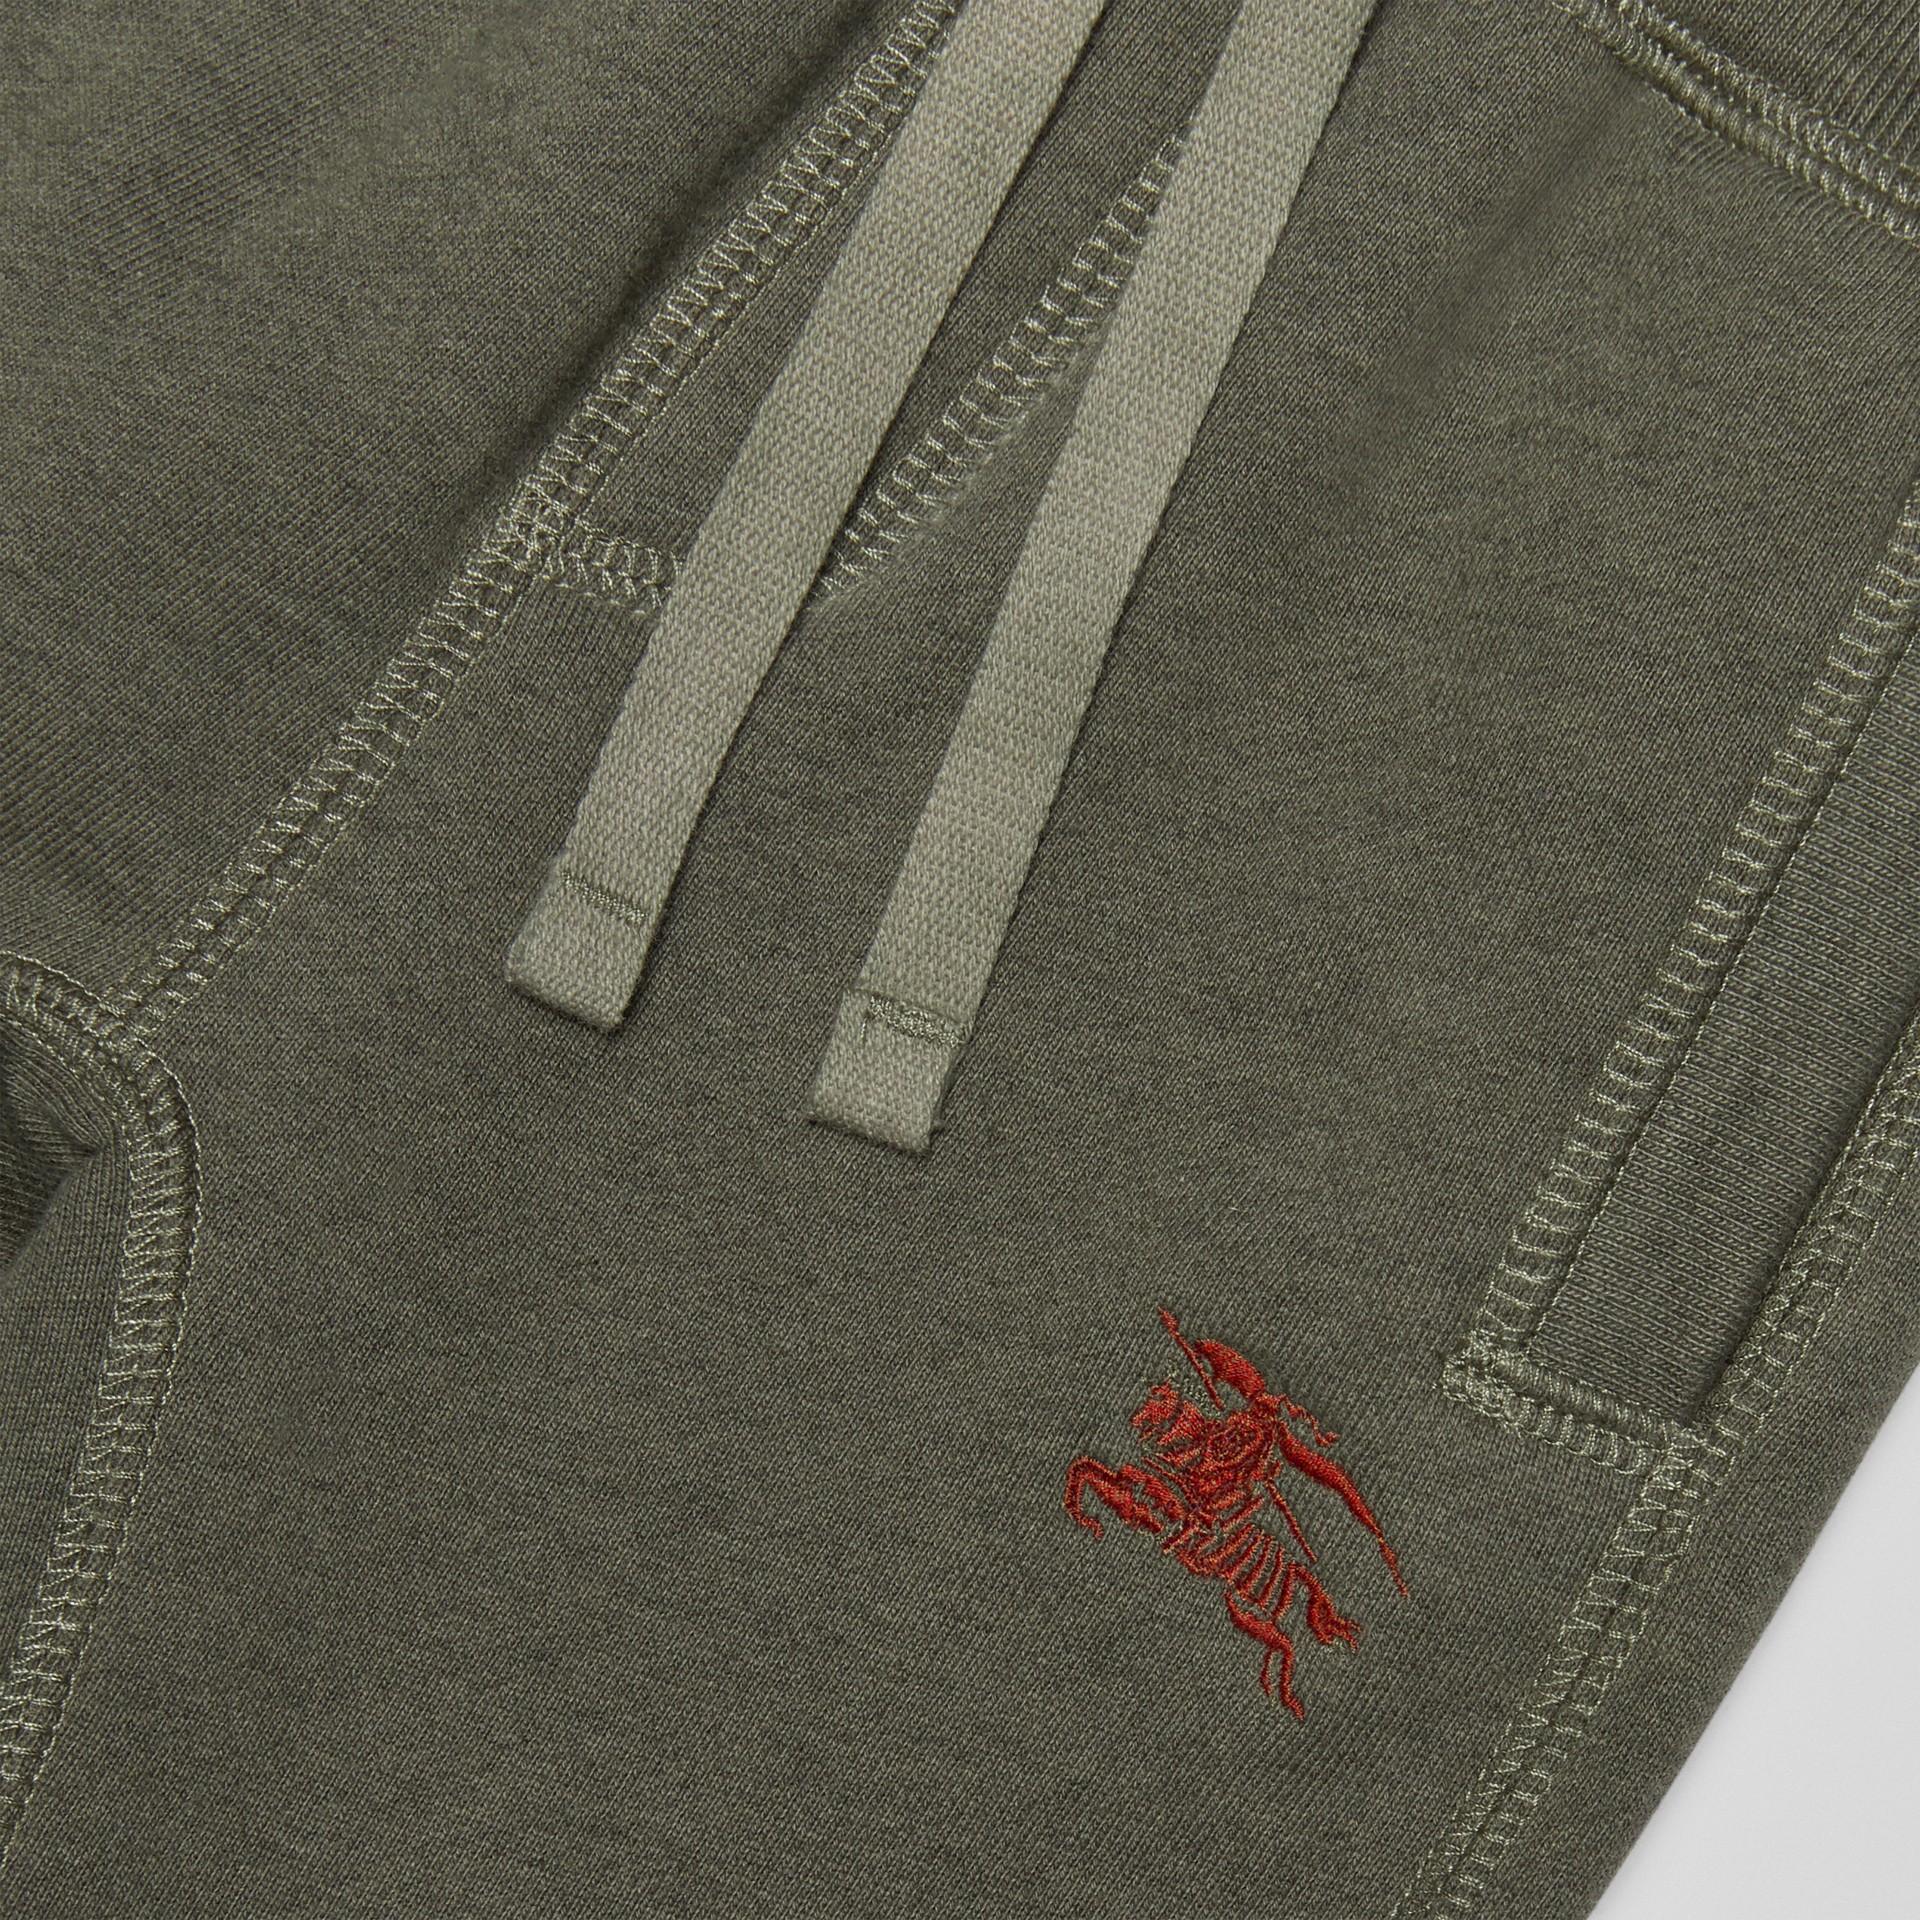 徽標繡飾棉質運動褲 (混合橄欖色) - 童款 | Burberry - 圖庫照片 1